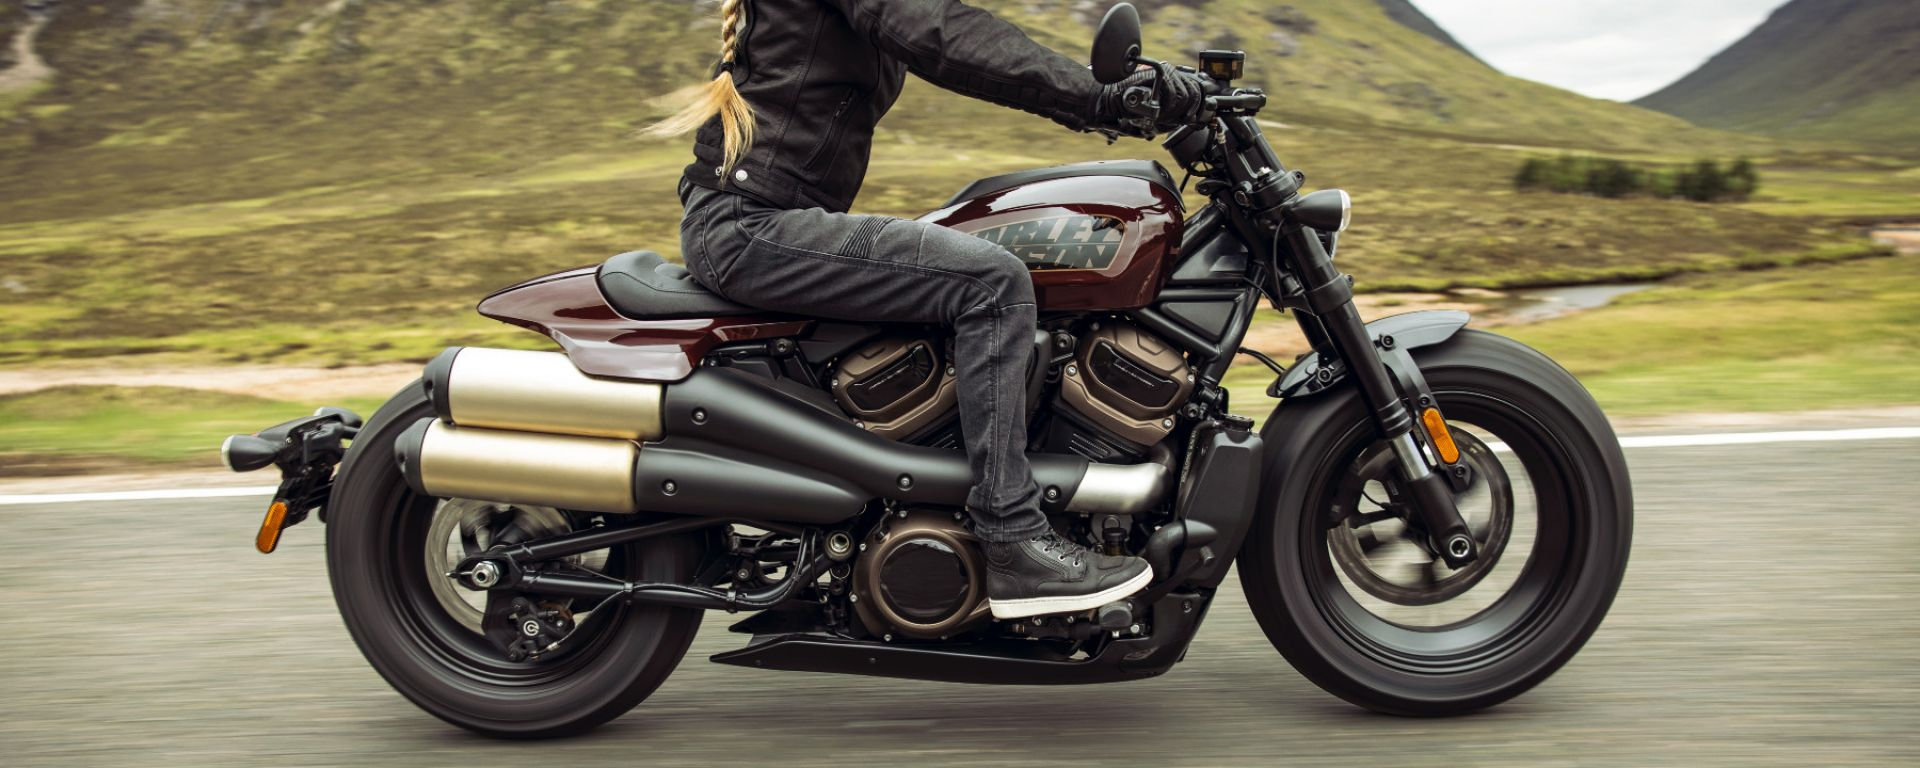 Nuovo Sportster Harley-Davidson: foto, caratteristiche e prezzo